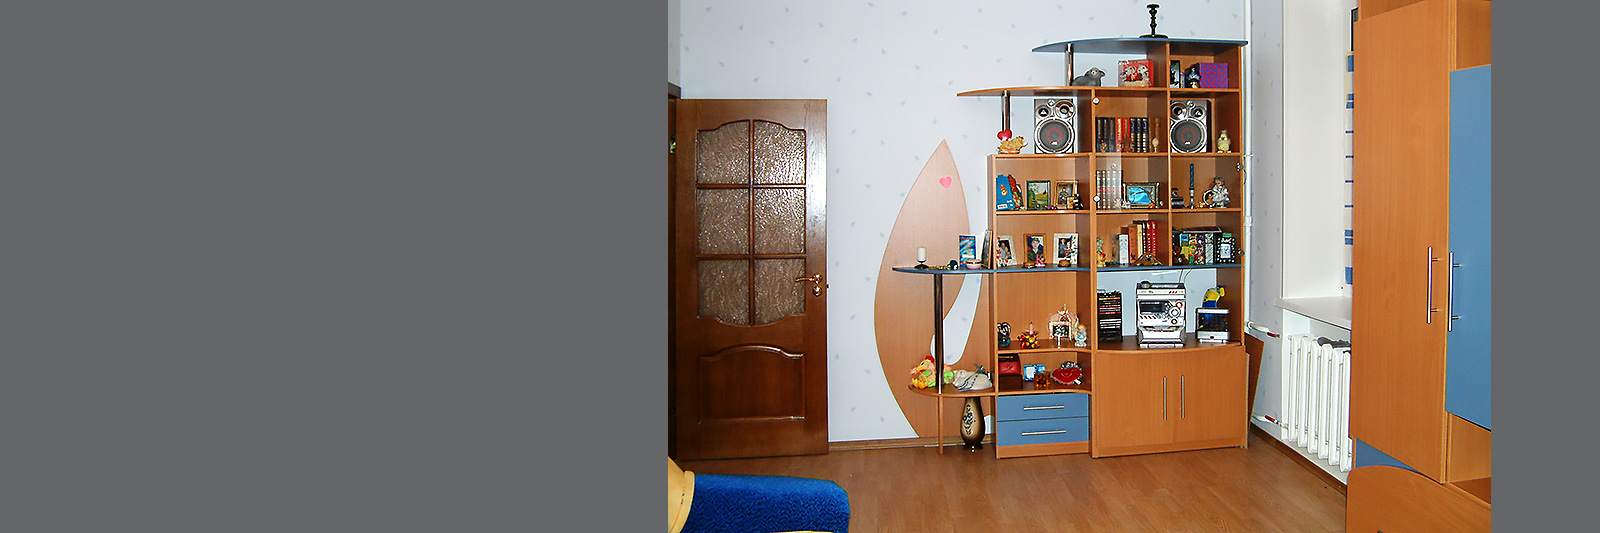 Эксклюзивная детская мебель на заказ